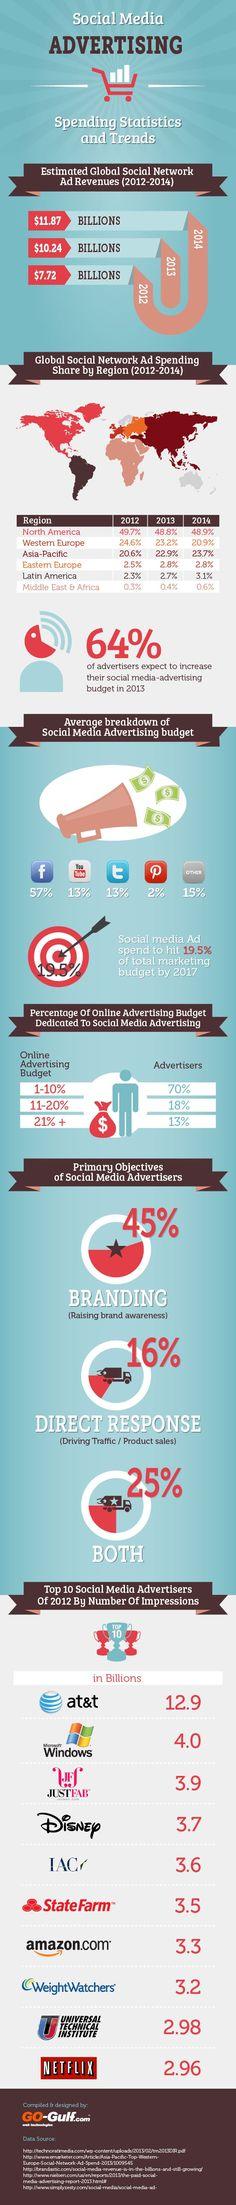 #socialmedia #advertising (stats)